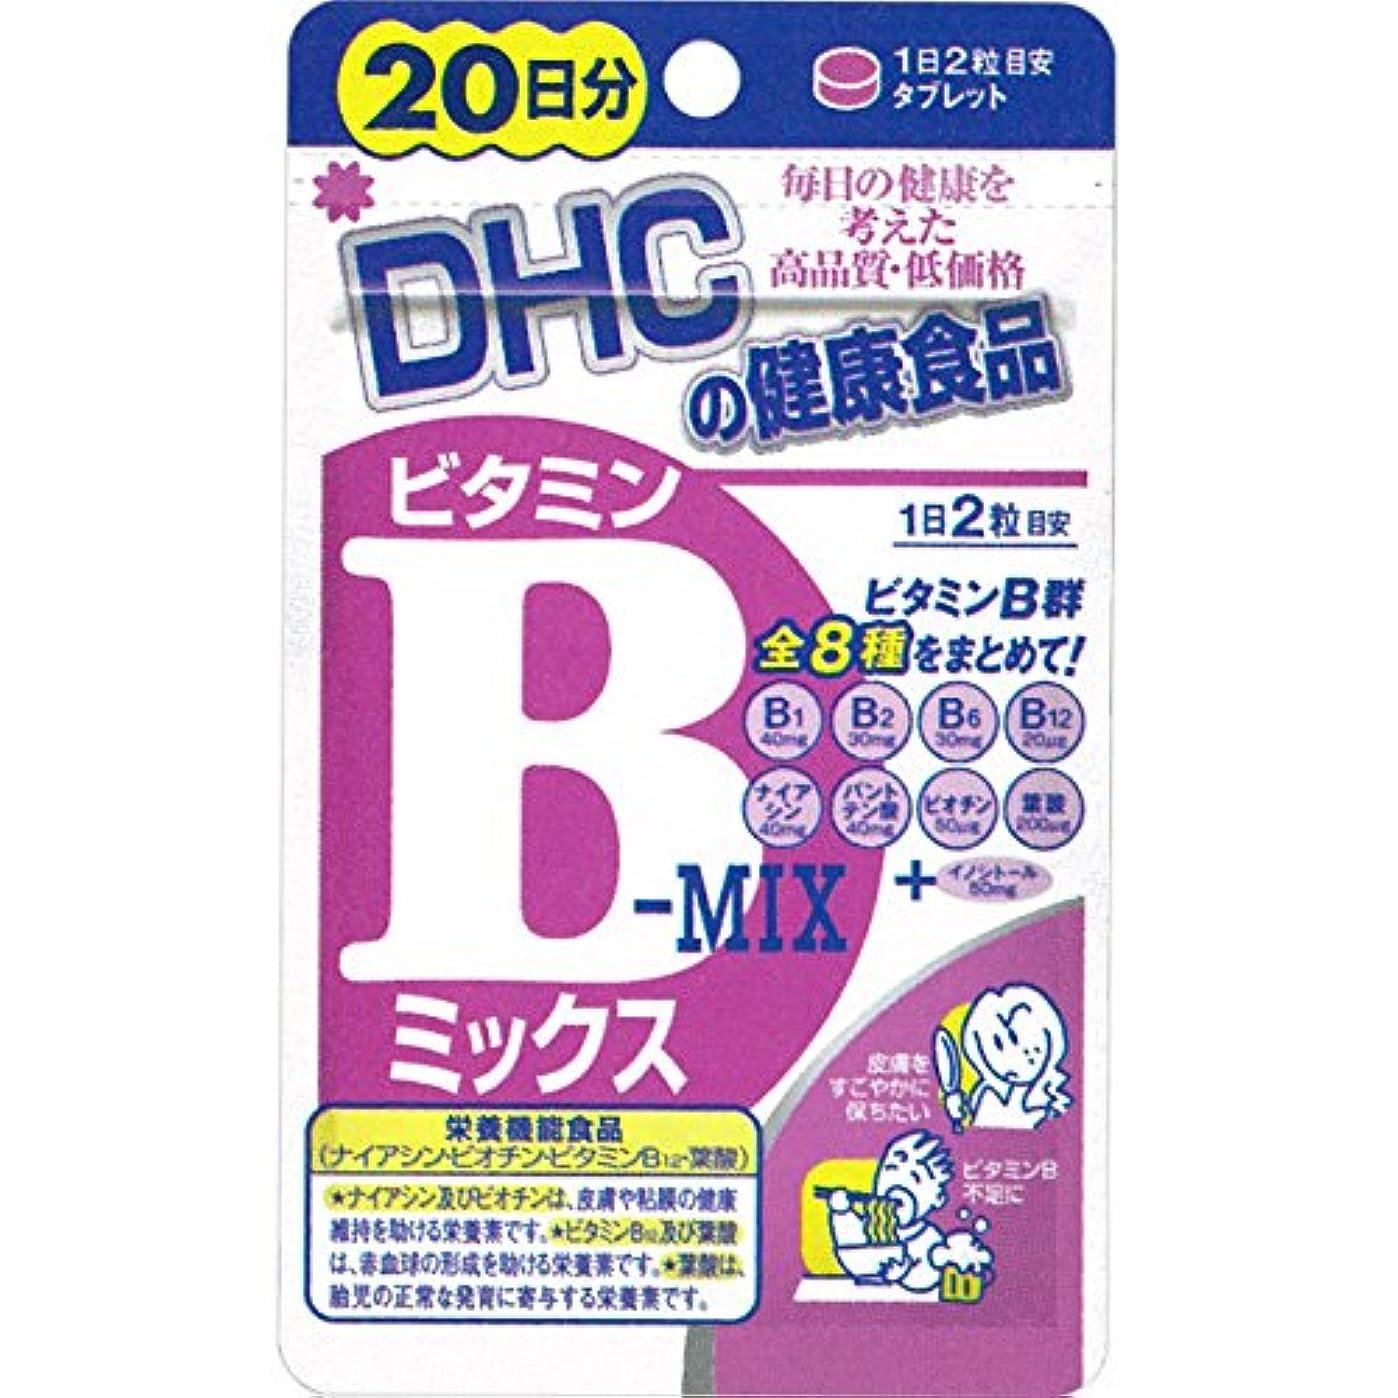 変換蓋レッドデートDHC(ディーエイチシー) サプリメント DHC ビタミンB MIX 20日分